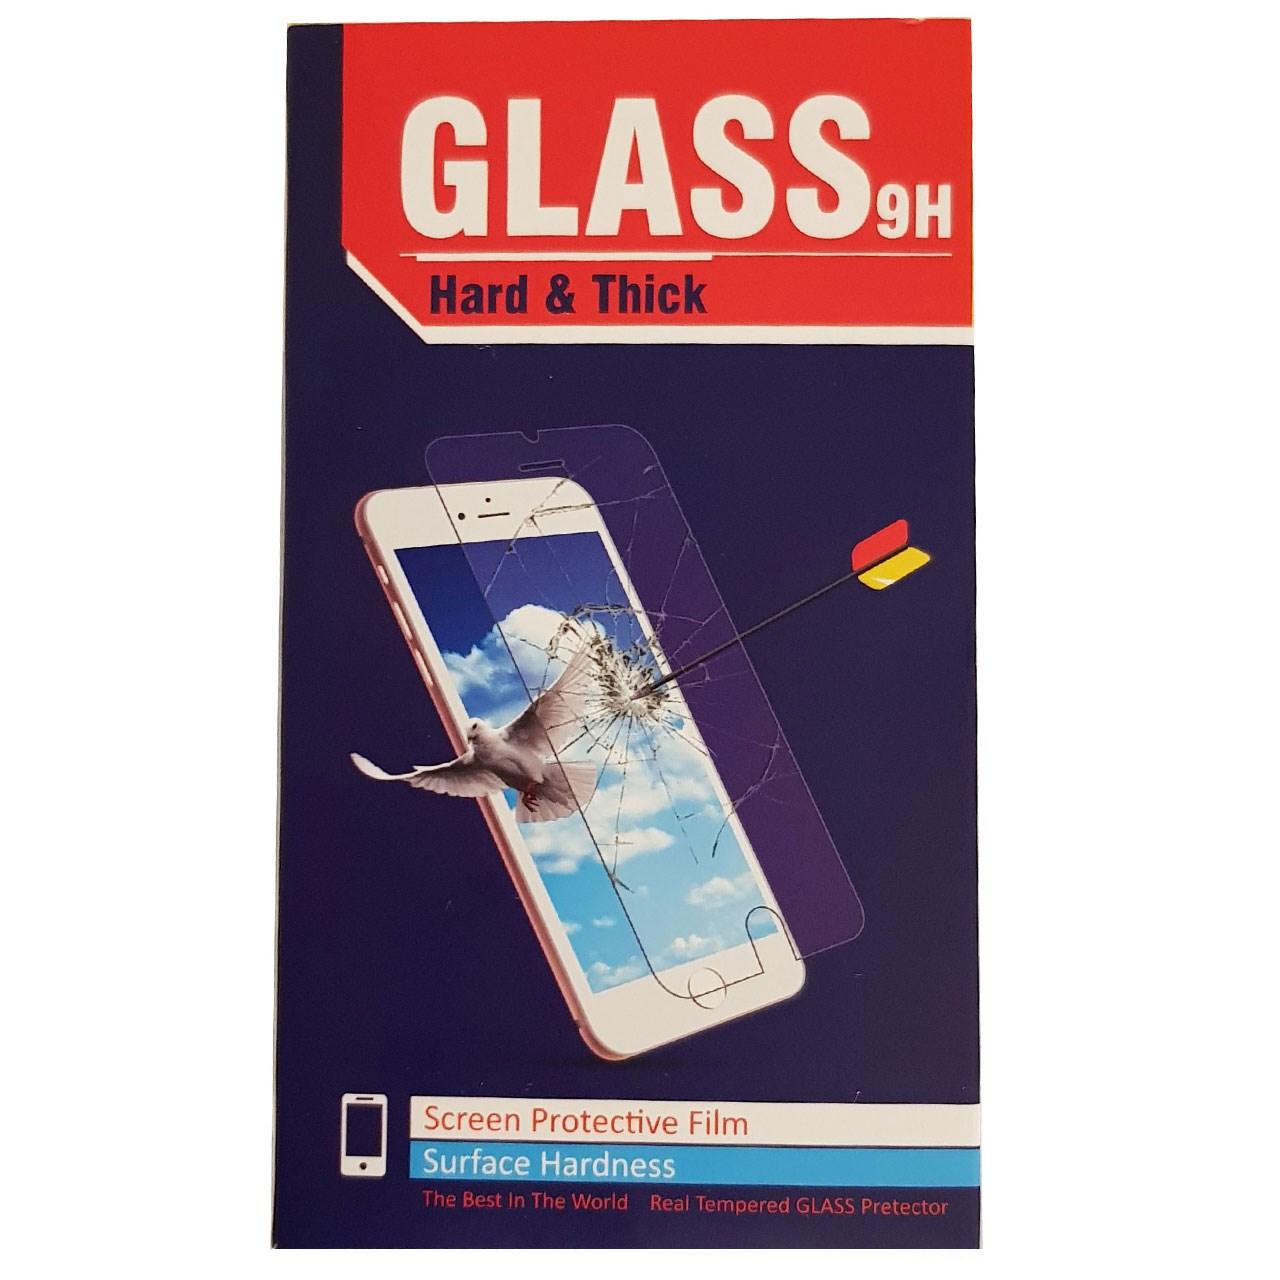 محافظ صفحه نمایش شیشه ای مدل Hard and thick مناسب برای گوشی موبایل هوآوی 4C